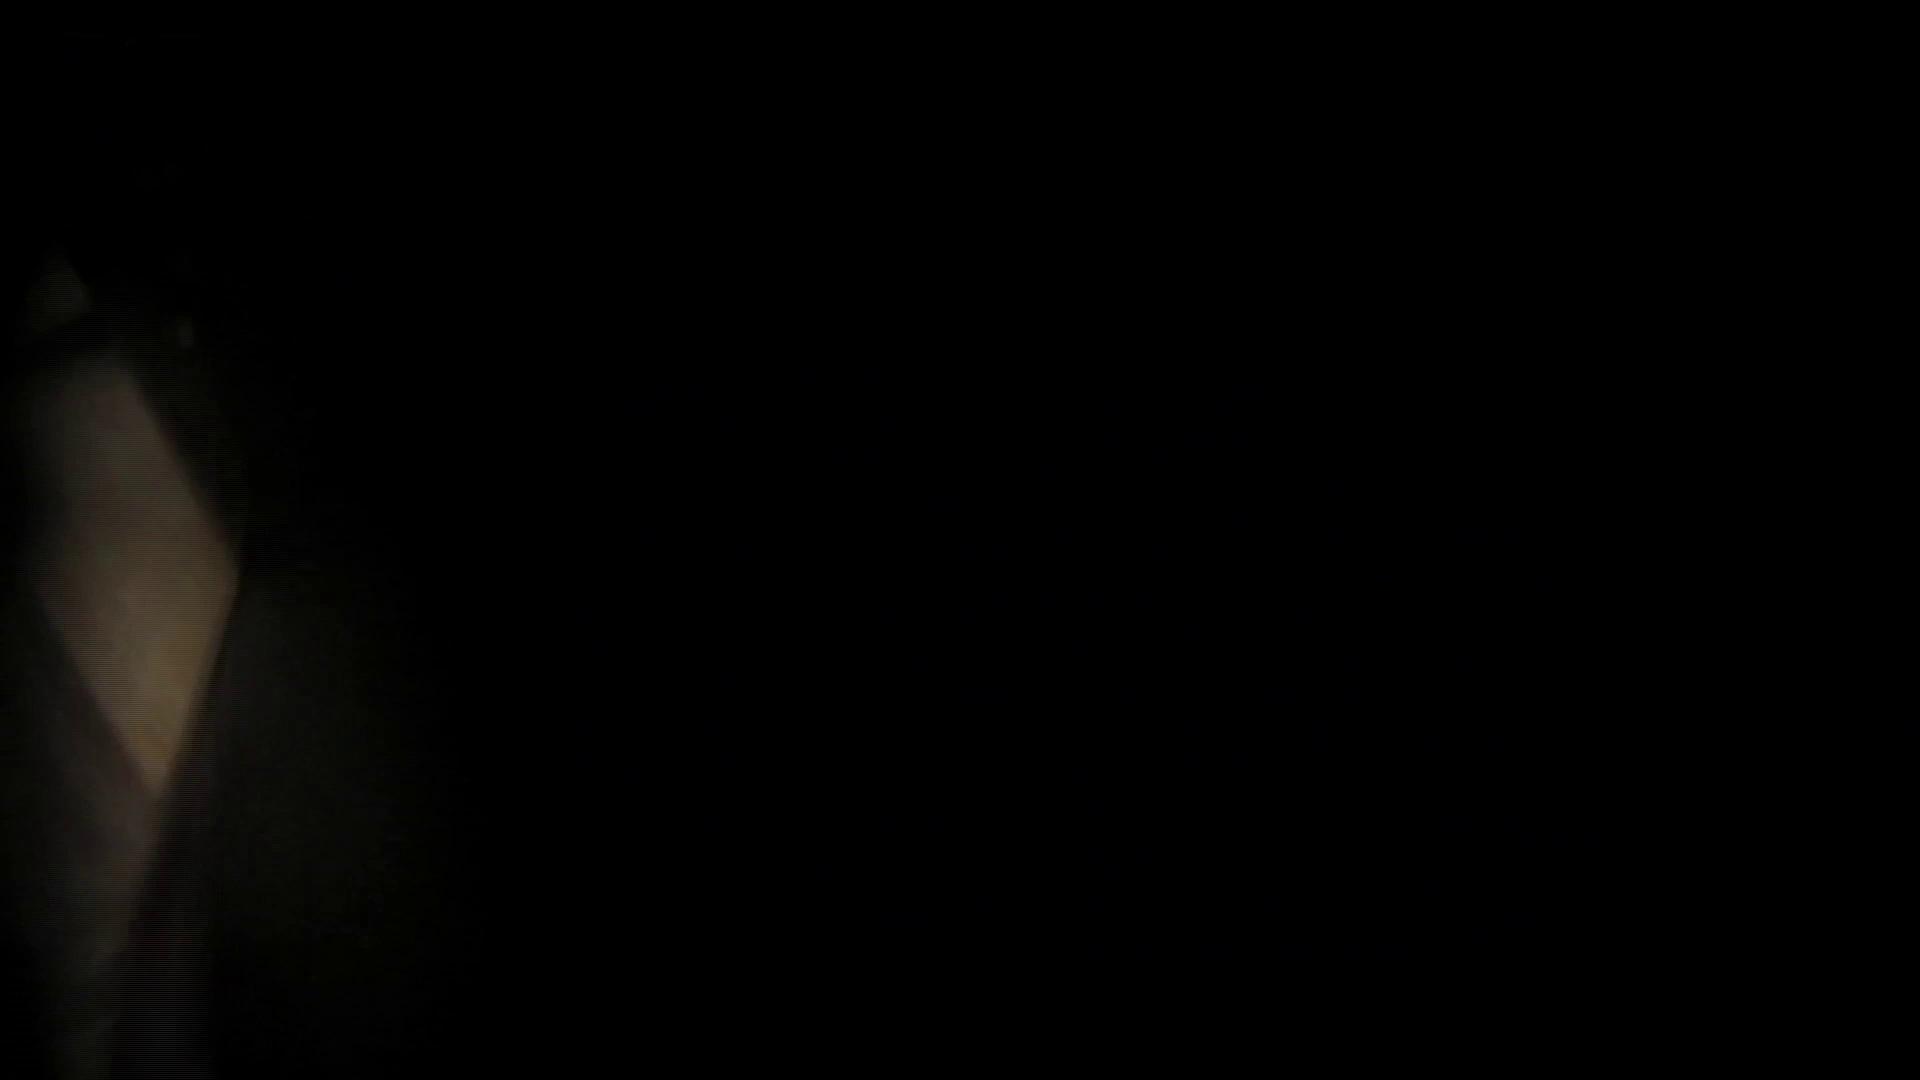 ステーション編 vol44 ハイヒール特集 丸見え アダルト動画キャプチャ 40画像 3